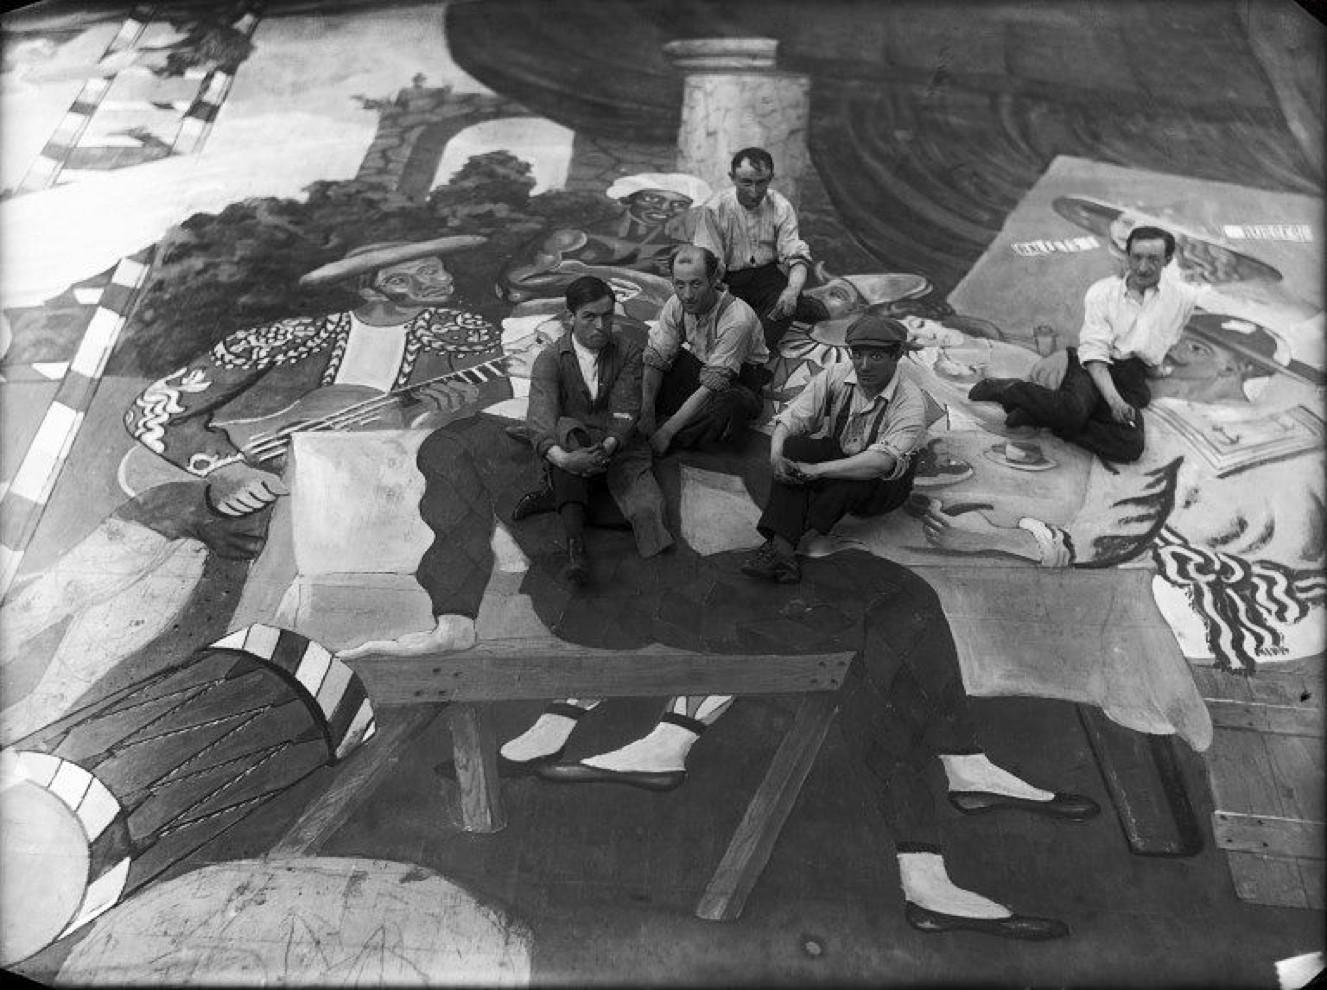 Picasso et les artistes de scène, assis sur un tissu du décor du ballet Parade, au théâtre du Châtelet, Paris, 1917